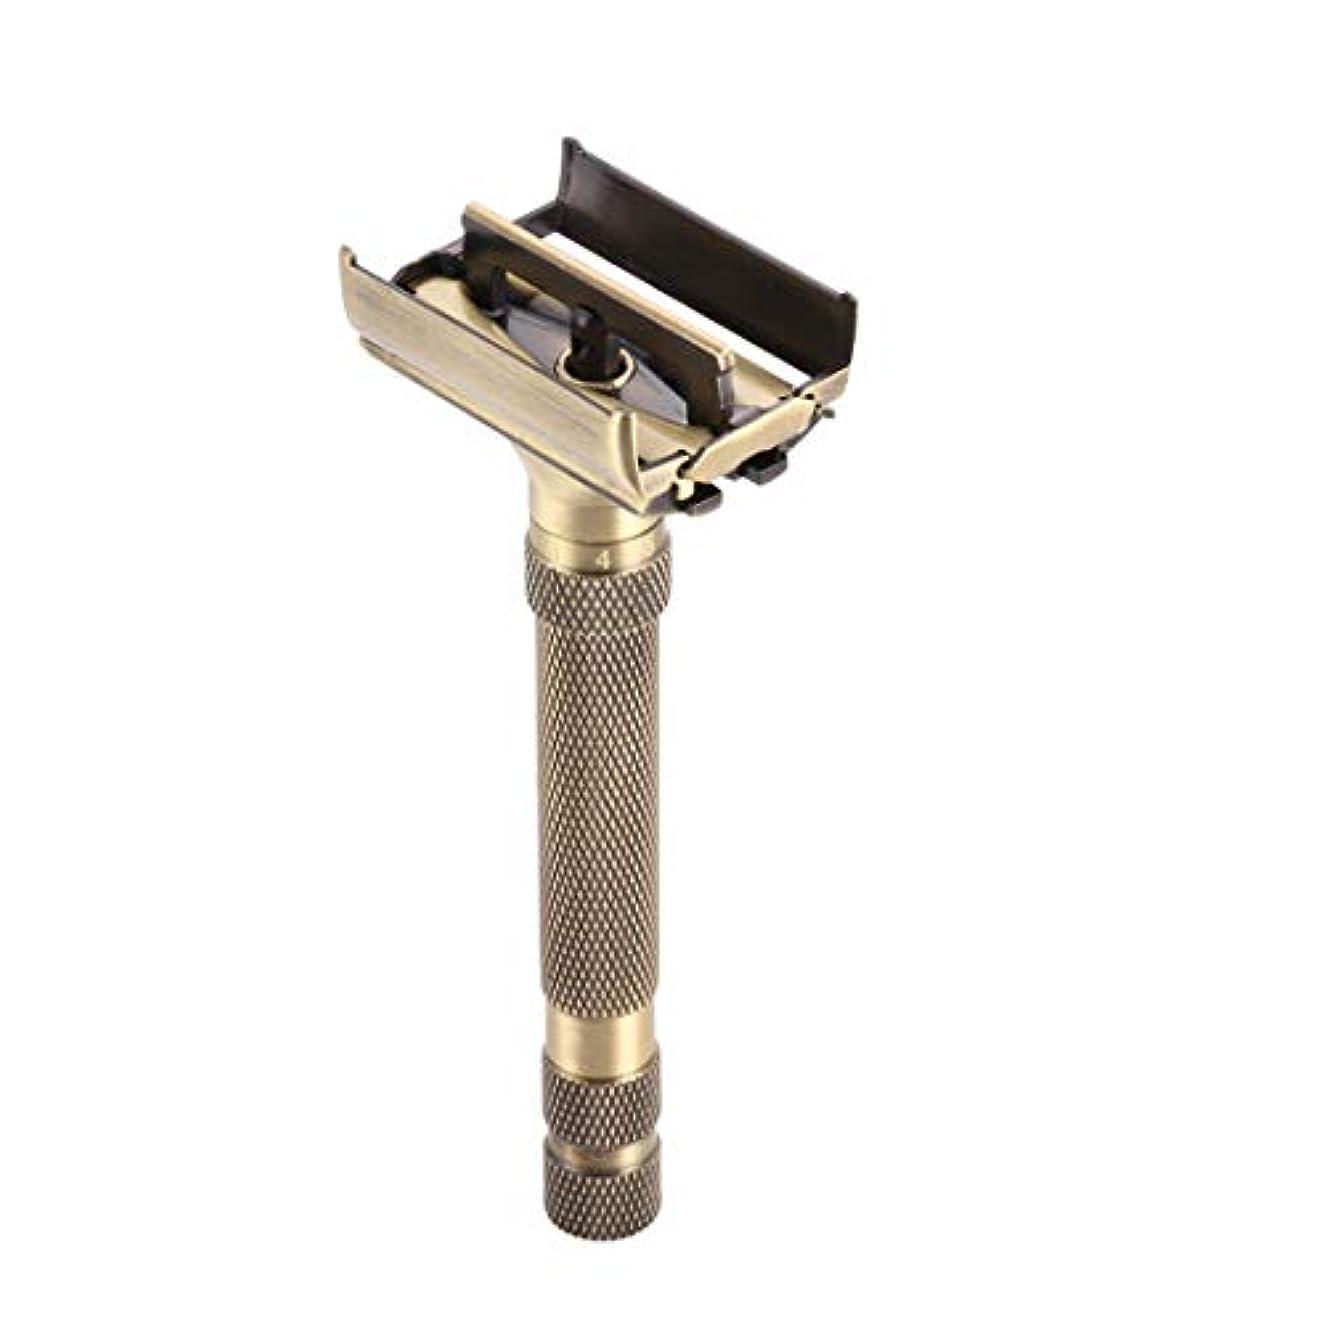 ぺディカブトレード熟達クラシックダブルエッジカミソリ真鍮両面手動かみそり ブレード露出調整可能 ダブルエッジ 安全レイザー 替刃5個付